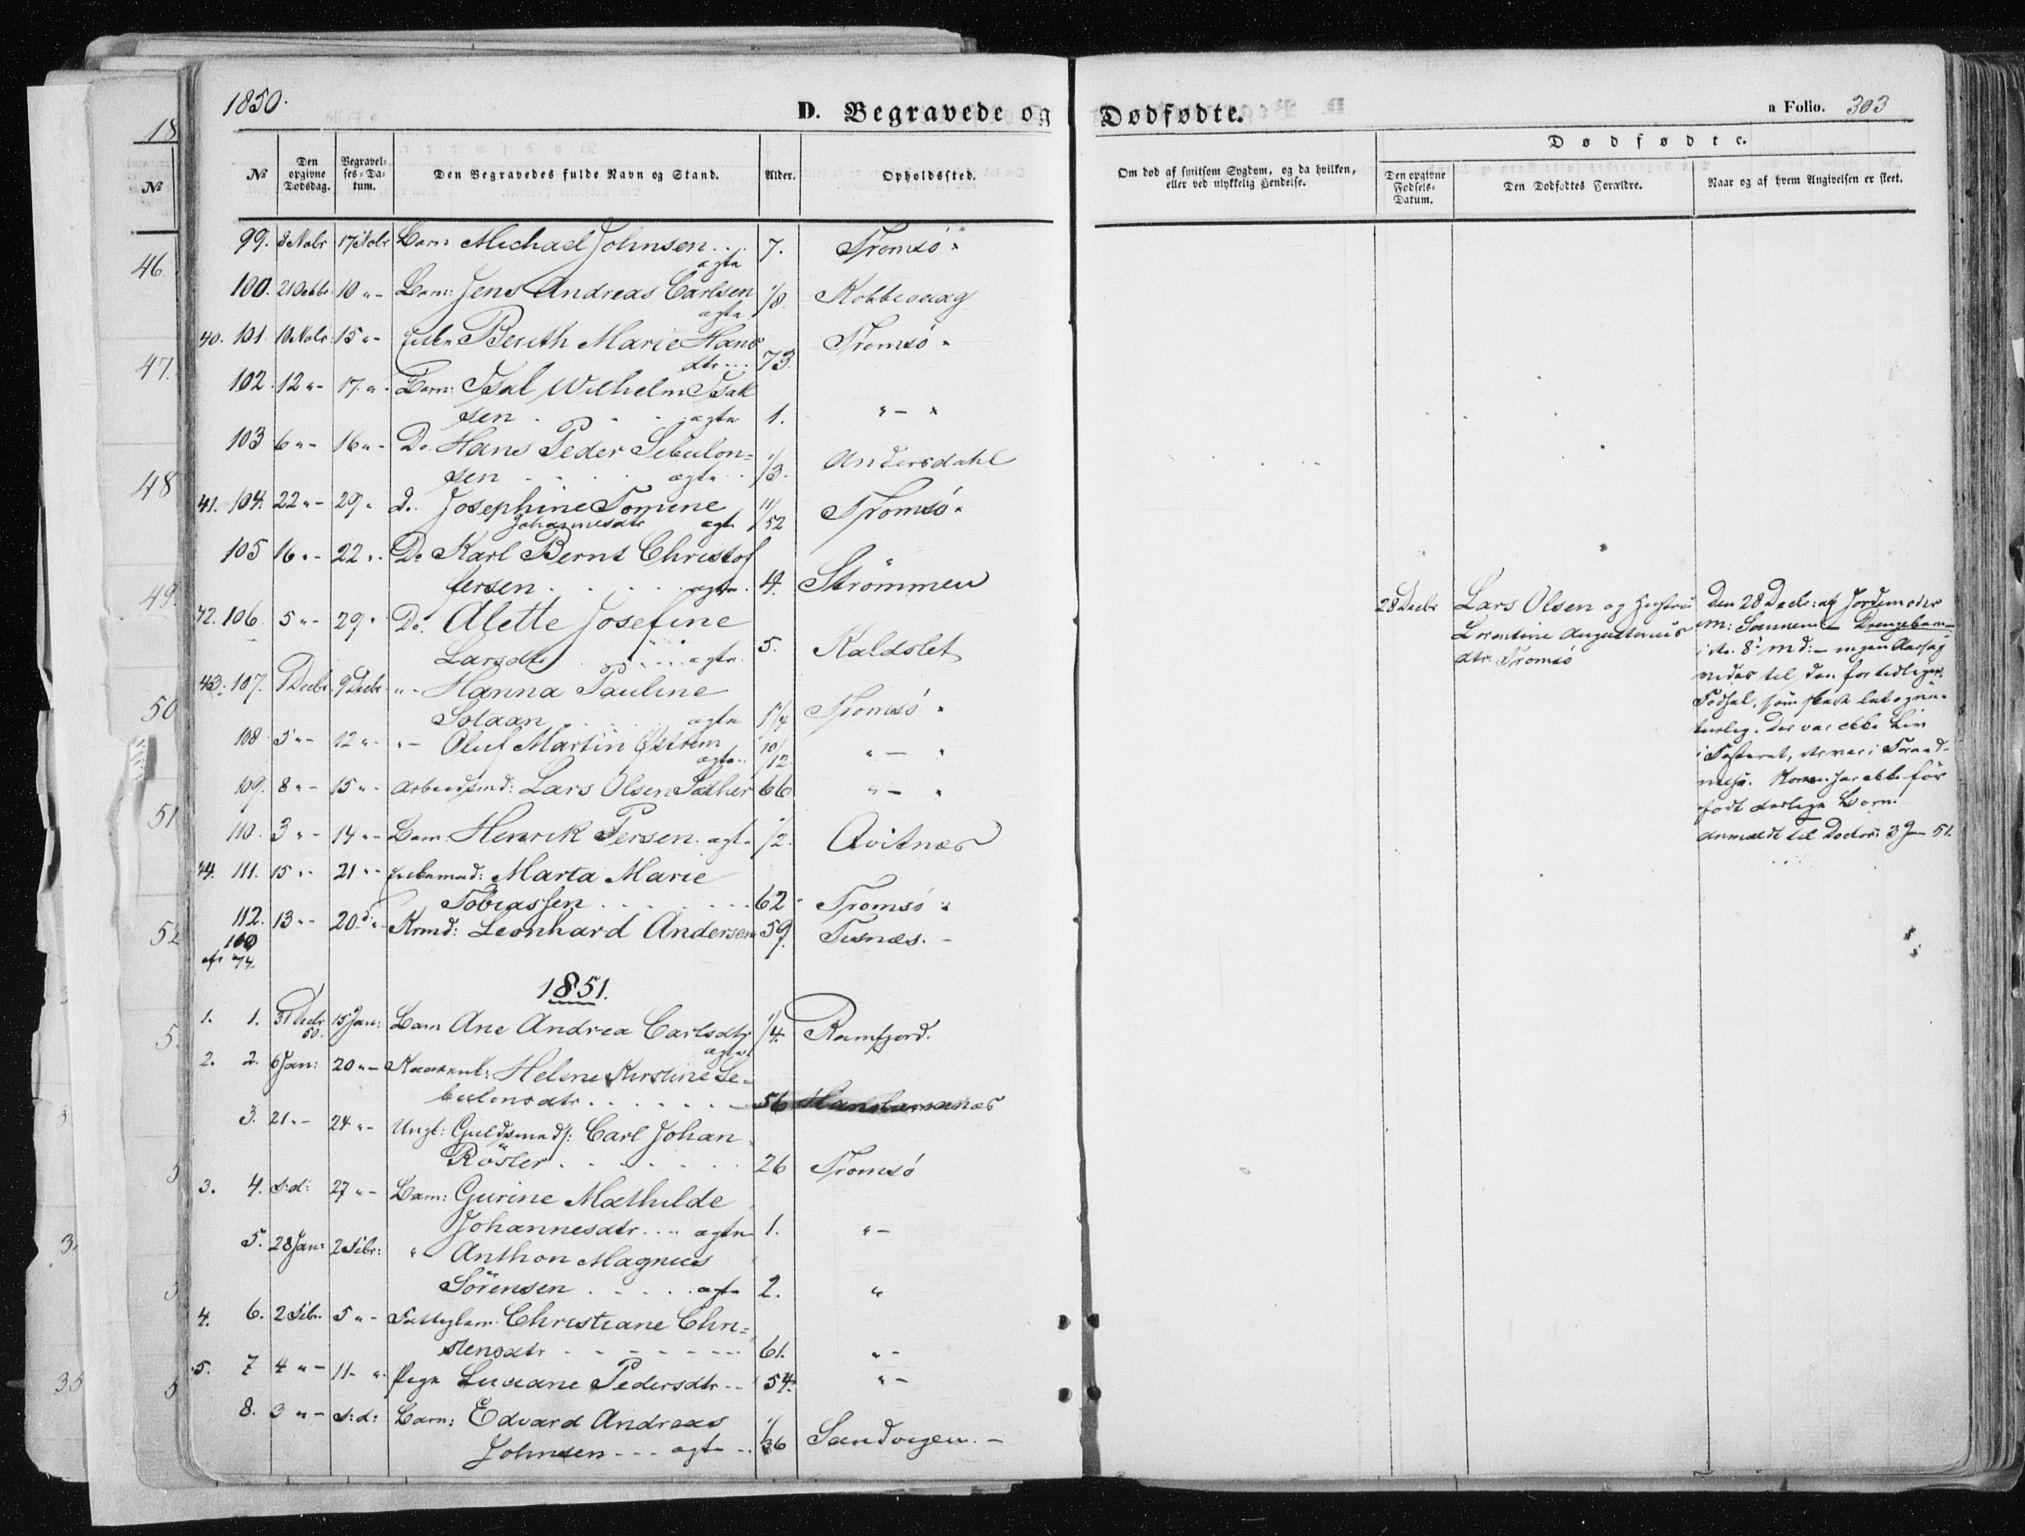 SATØ, Tromsø sokneprestkontor/stiftsprosti/domprosti, G/Ga/L0010kirke: Ministerialbok nr. 10, 1848-1855, s. 303